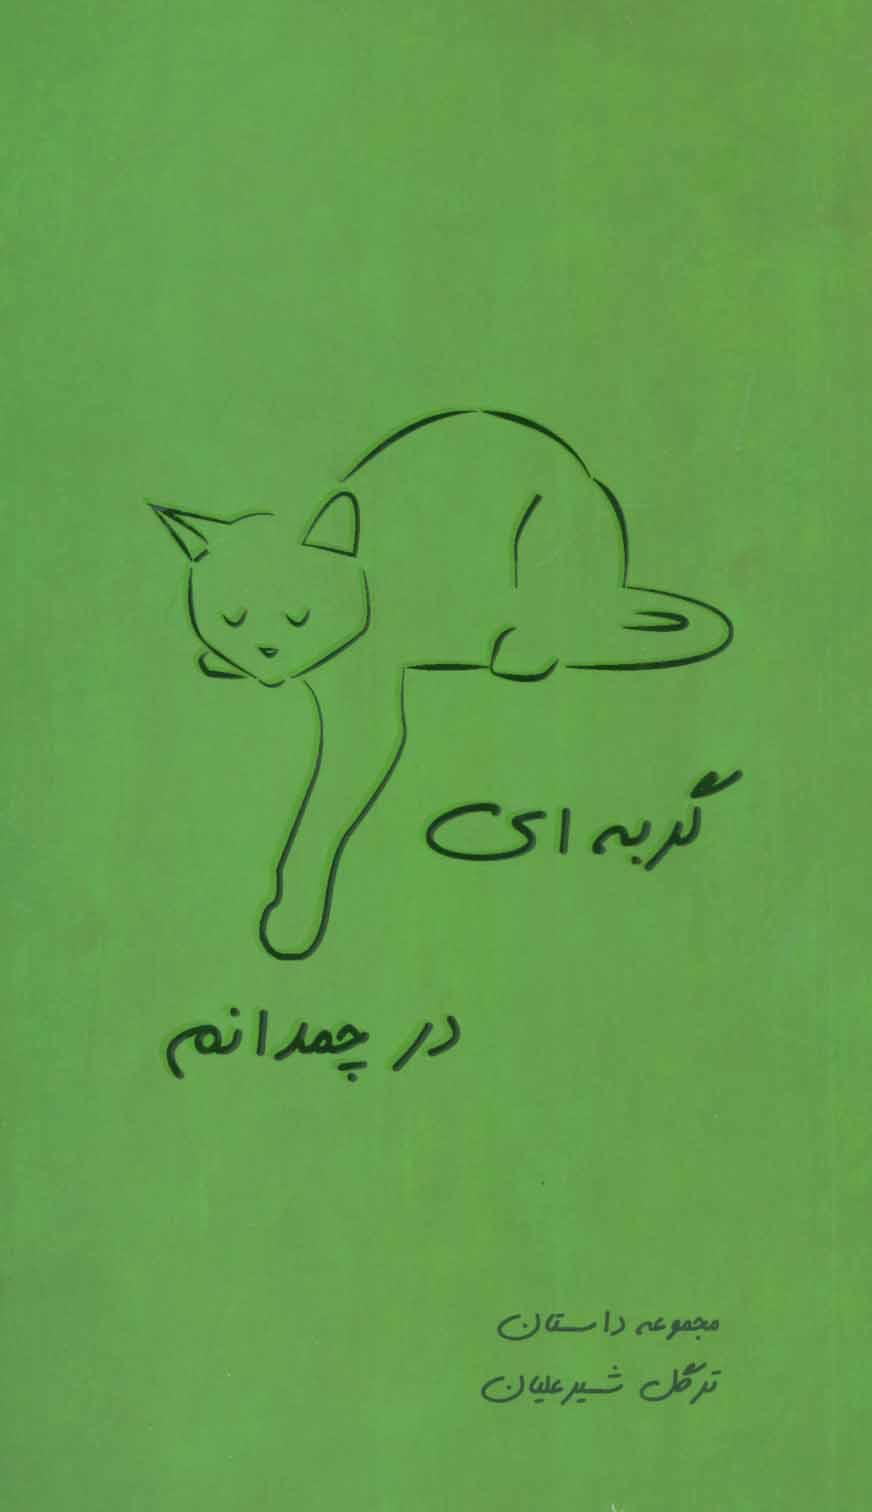 گربه ای در چمدانم (مجموعه داستان)